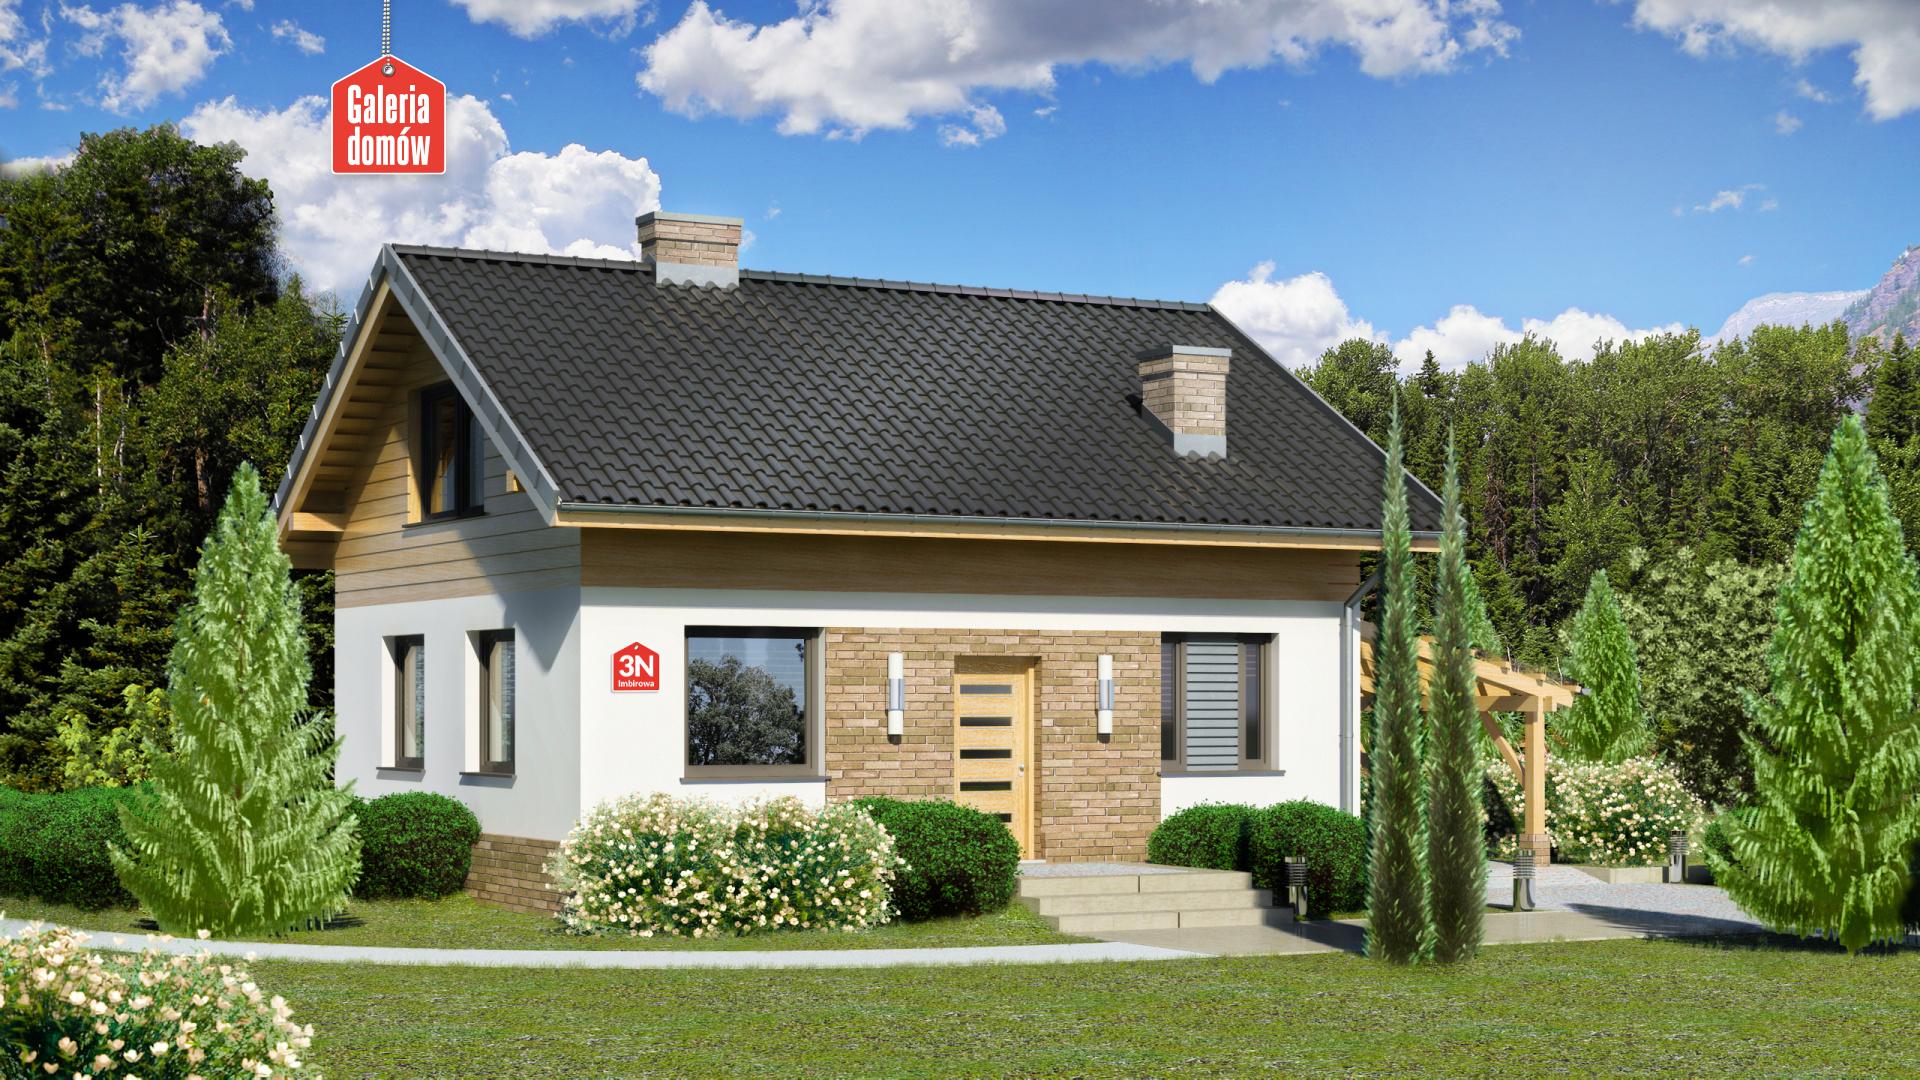 Dom przy Imbirowej 3 N - zdjęcie projektu i wizualizacja